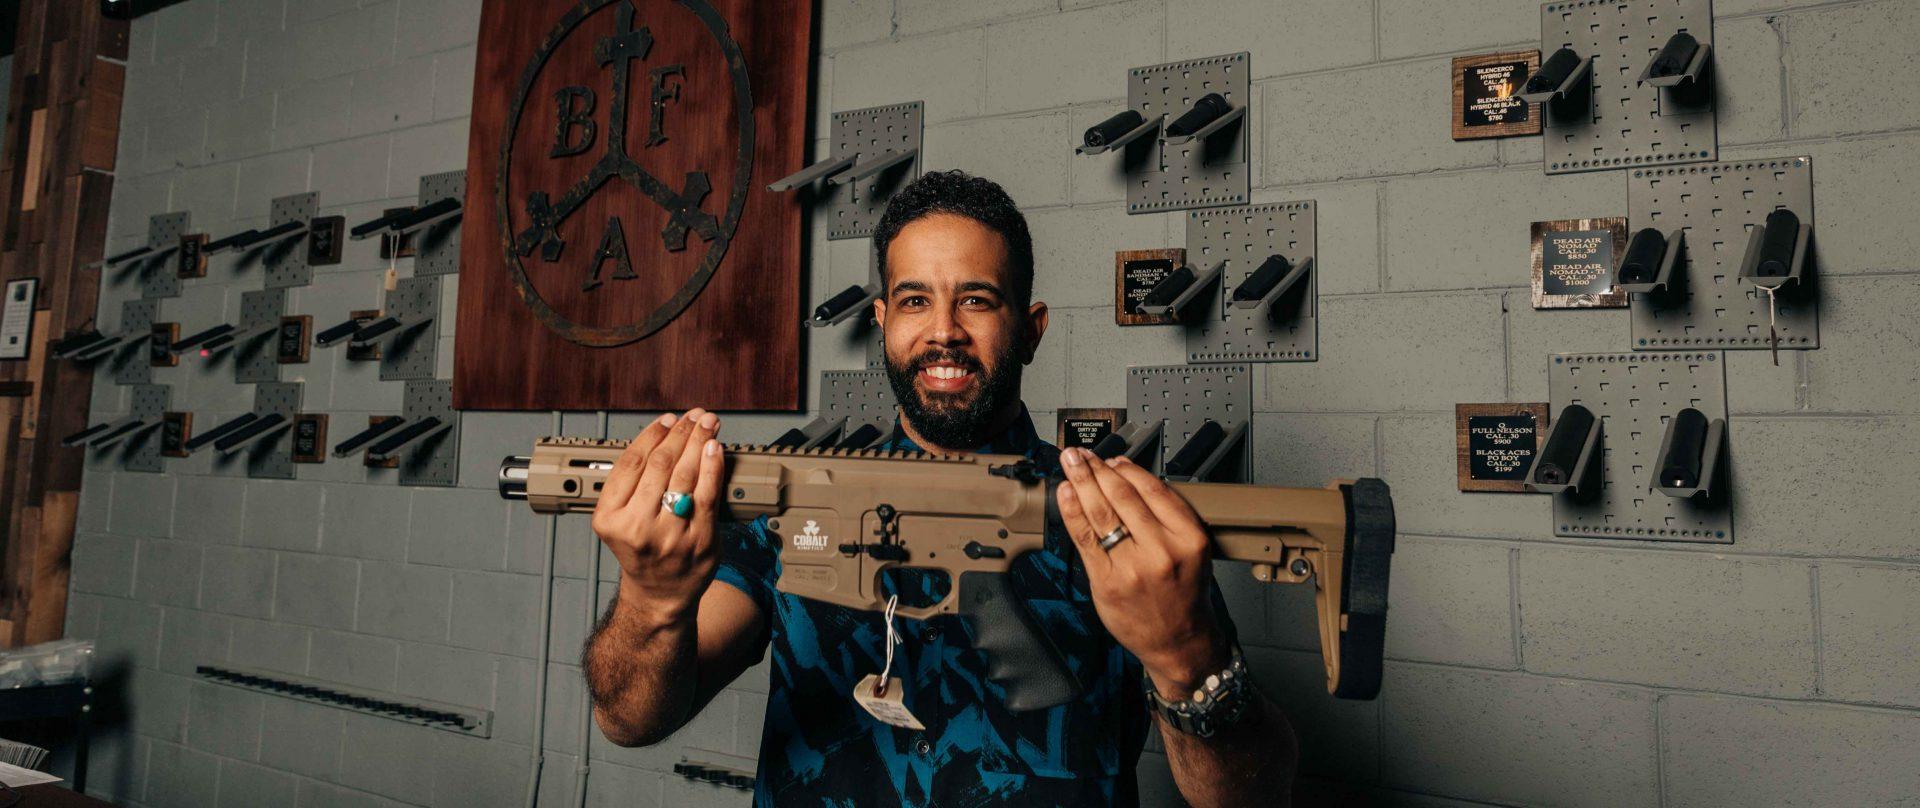 man holding firearm